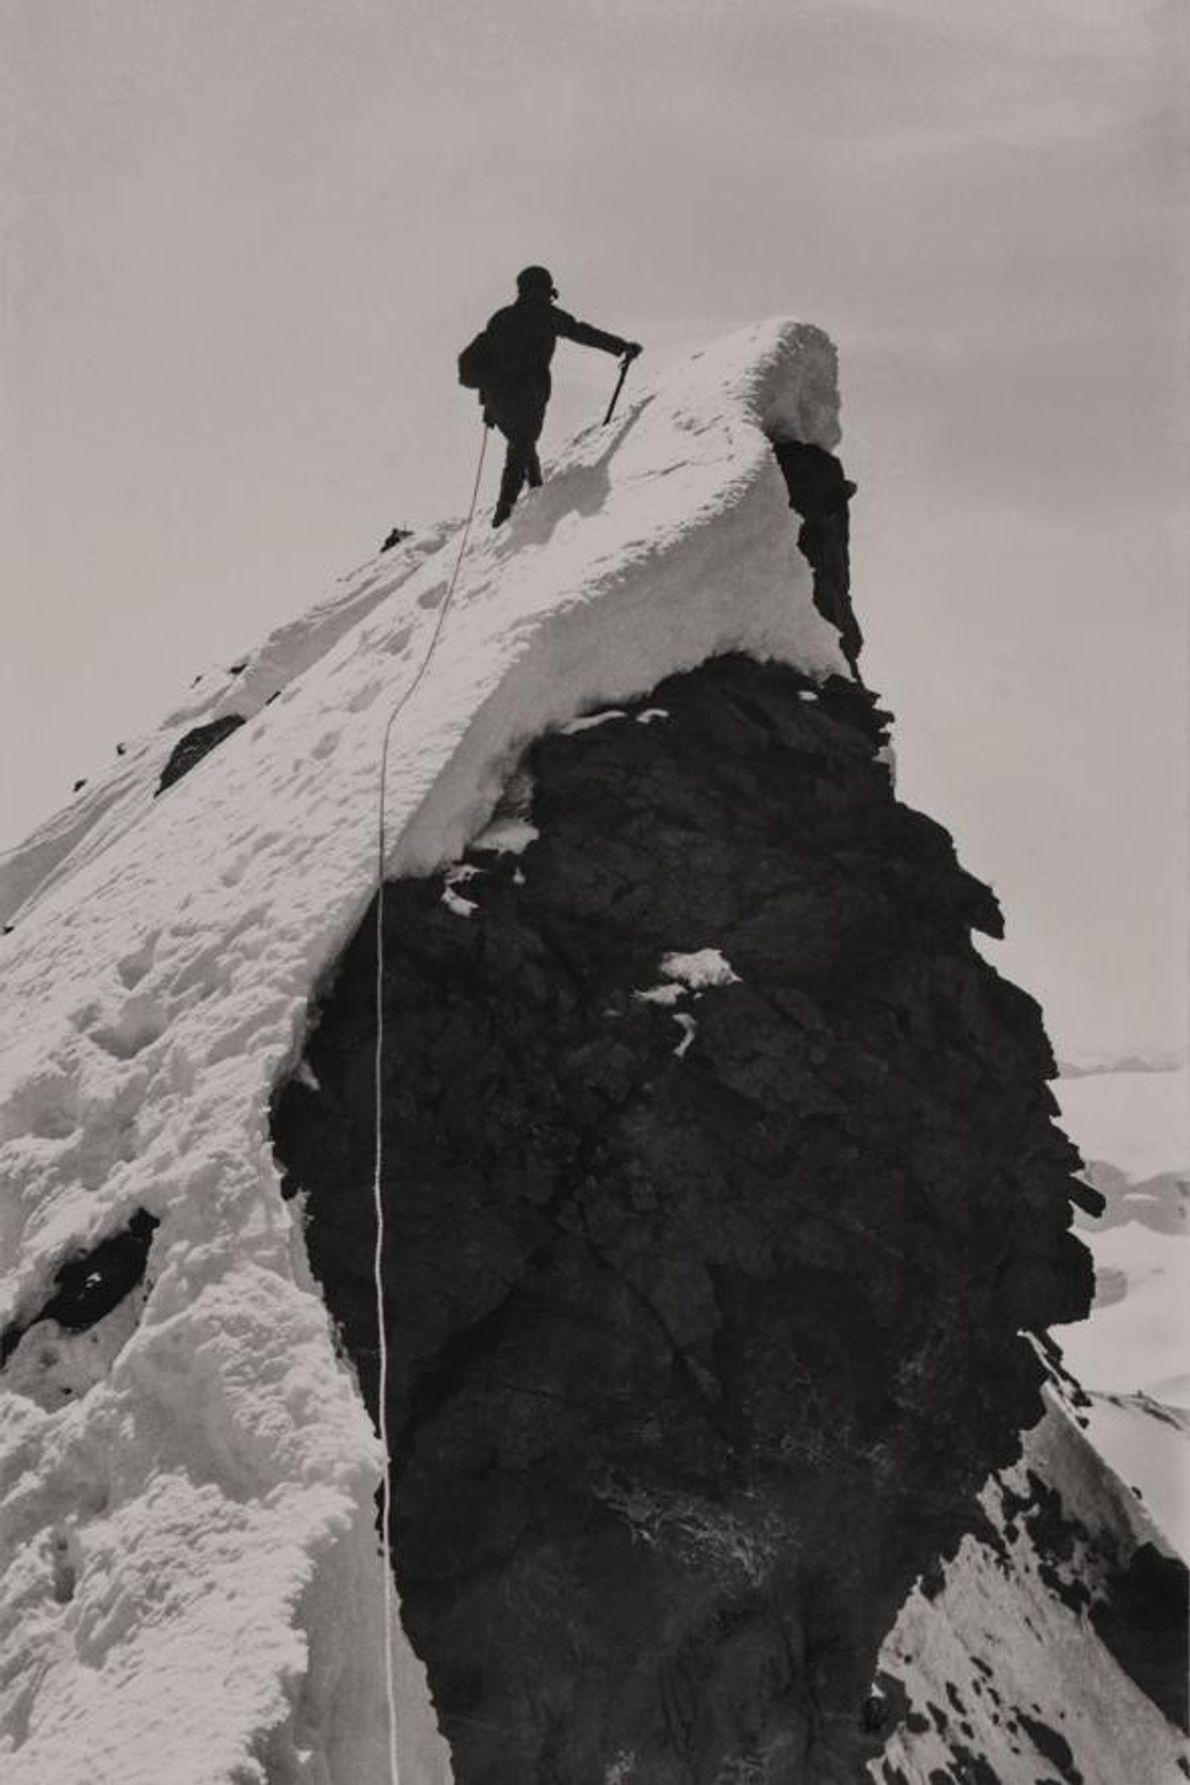 Alice Damesme grimpe la crête du Cervin. L'instant est immortalisé par sa partenaire d'alpinisme, Miriam O'Brien.